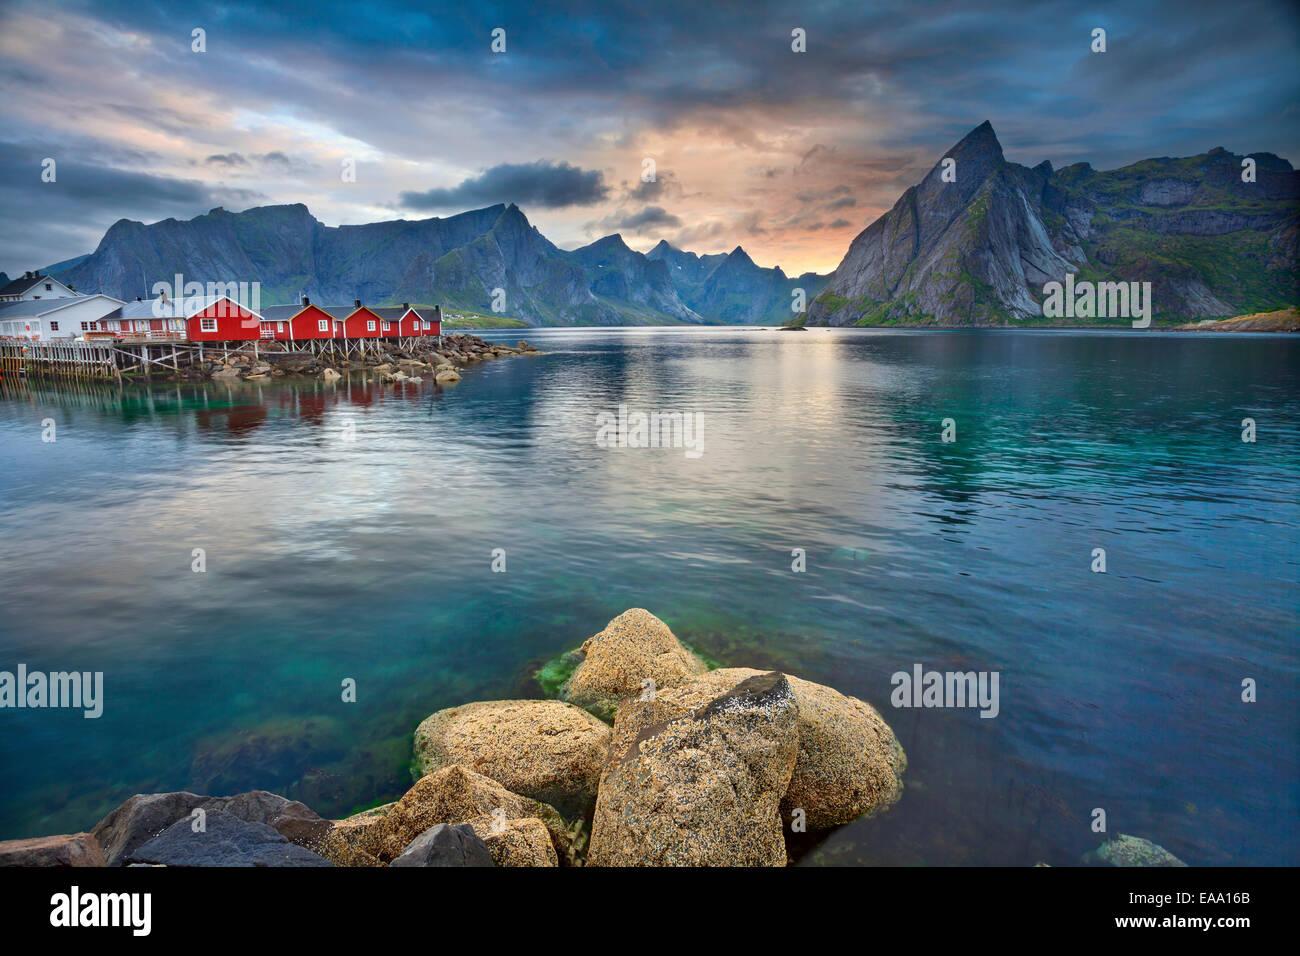 Image of Lofoten Islands, Norway during beautiful sunset. - Stock Image